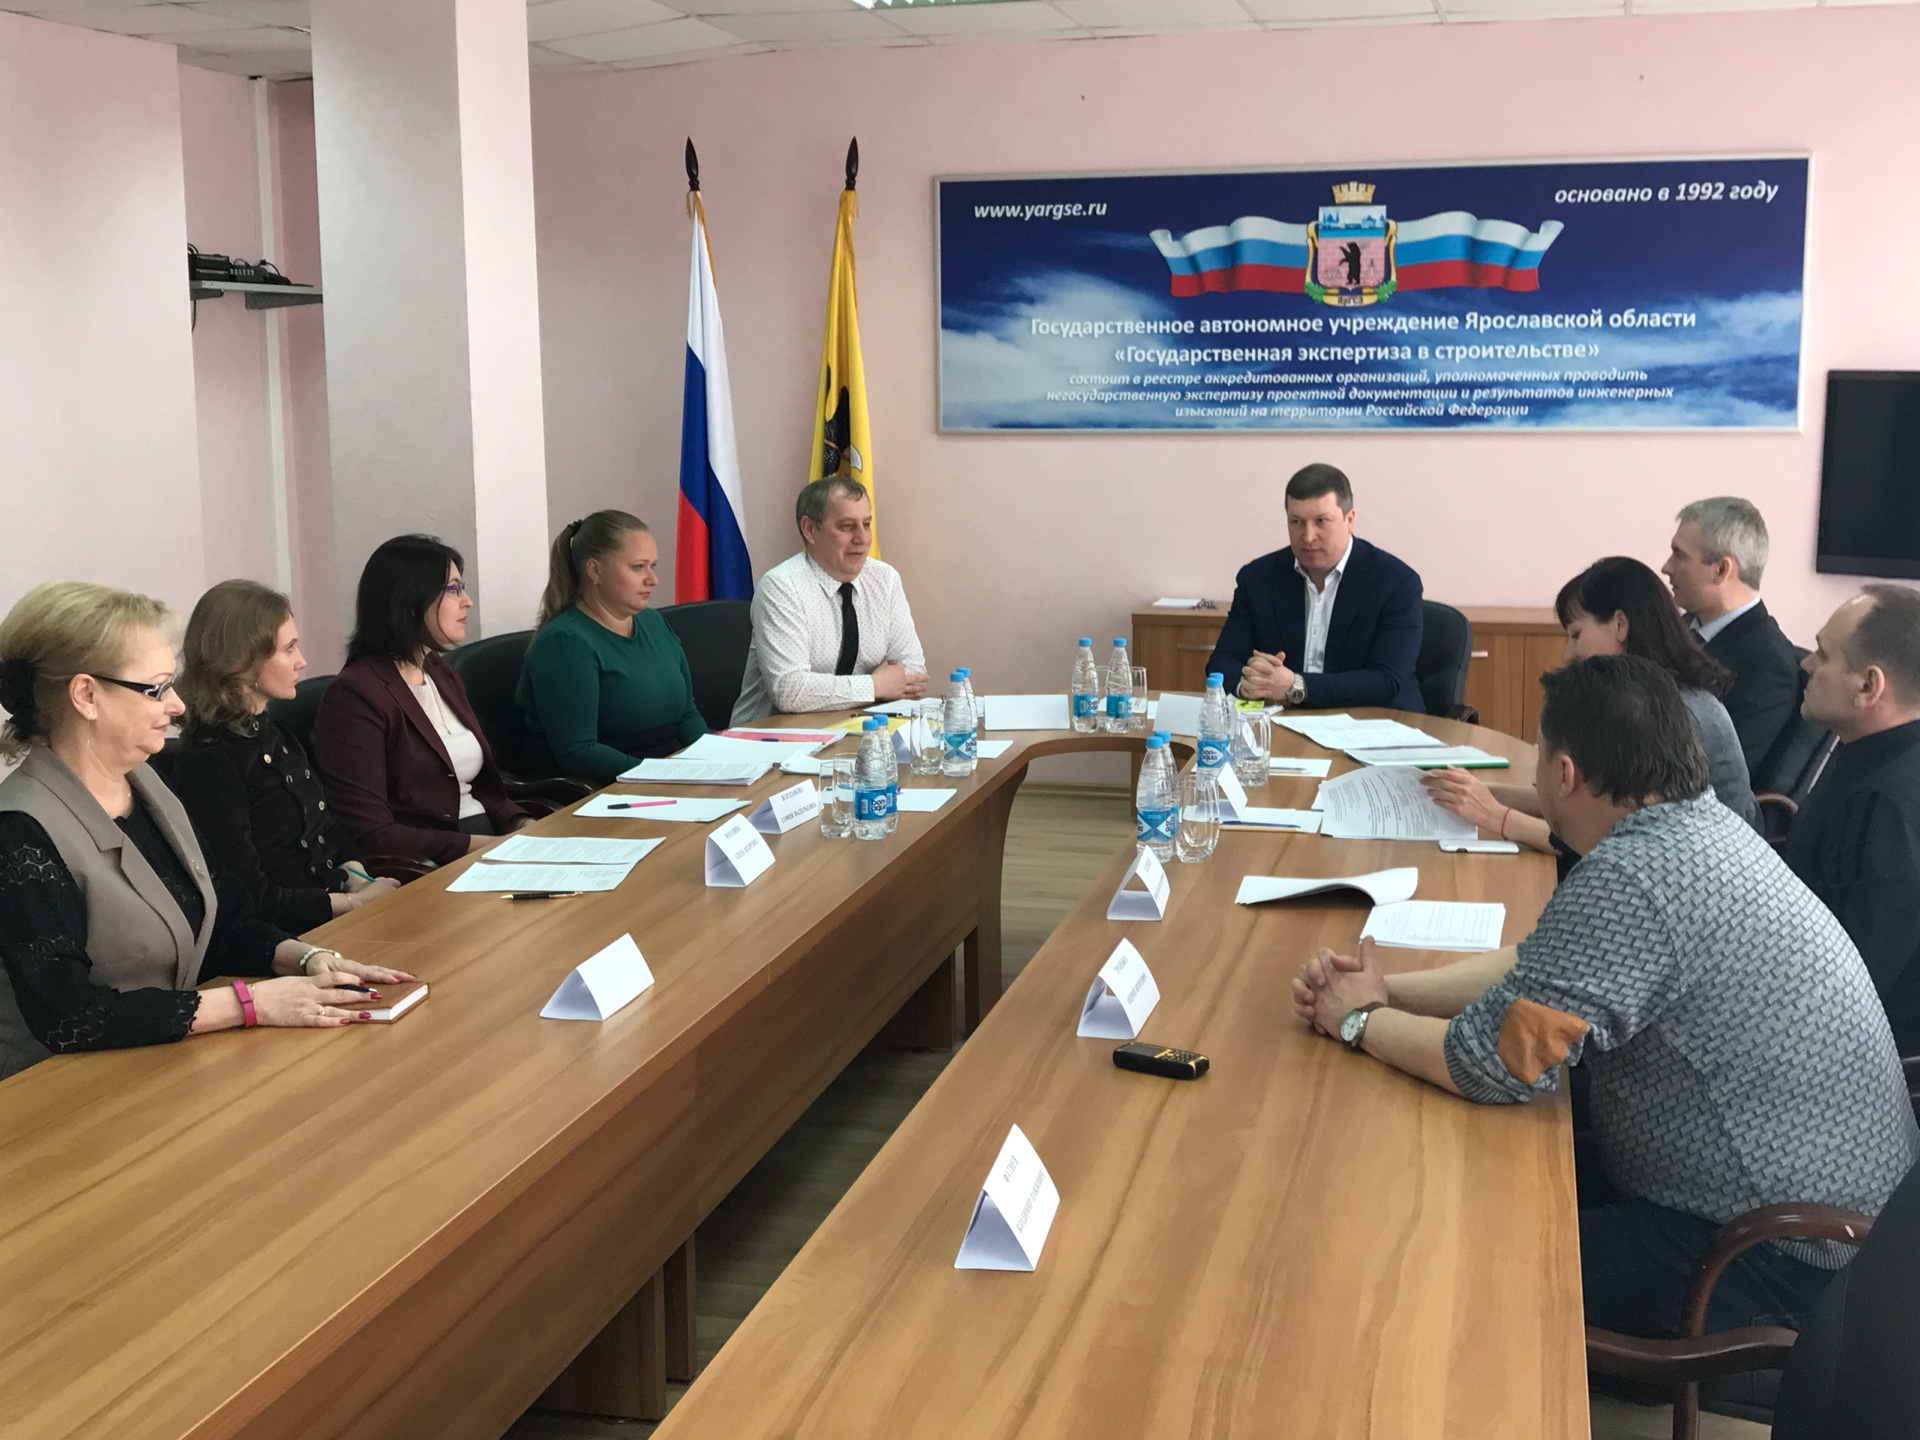 Соглашение о сотрудничестве строительные организации проектной документации строительная компания монтаж вентфасадов в Ижевске